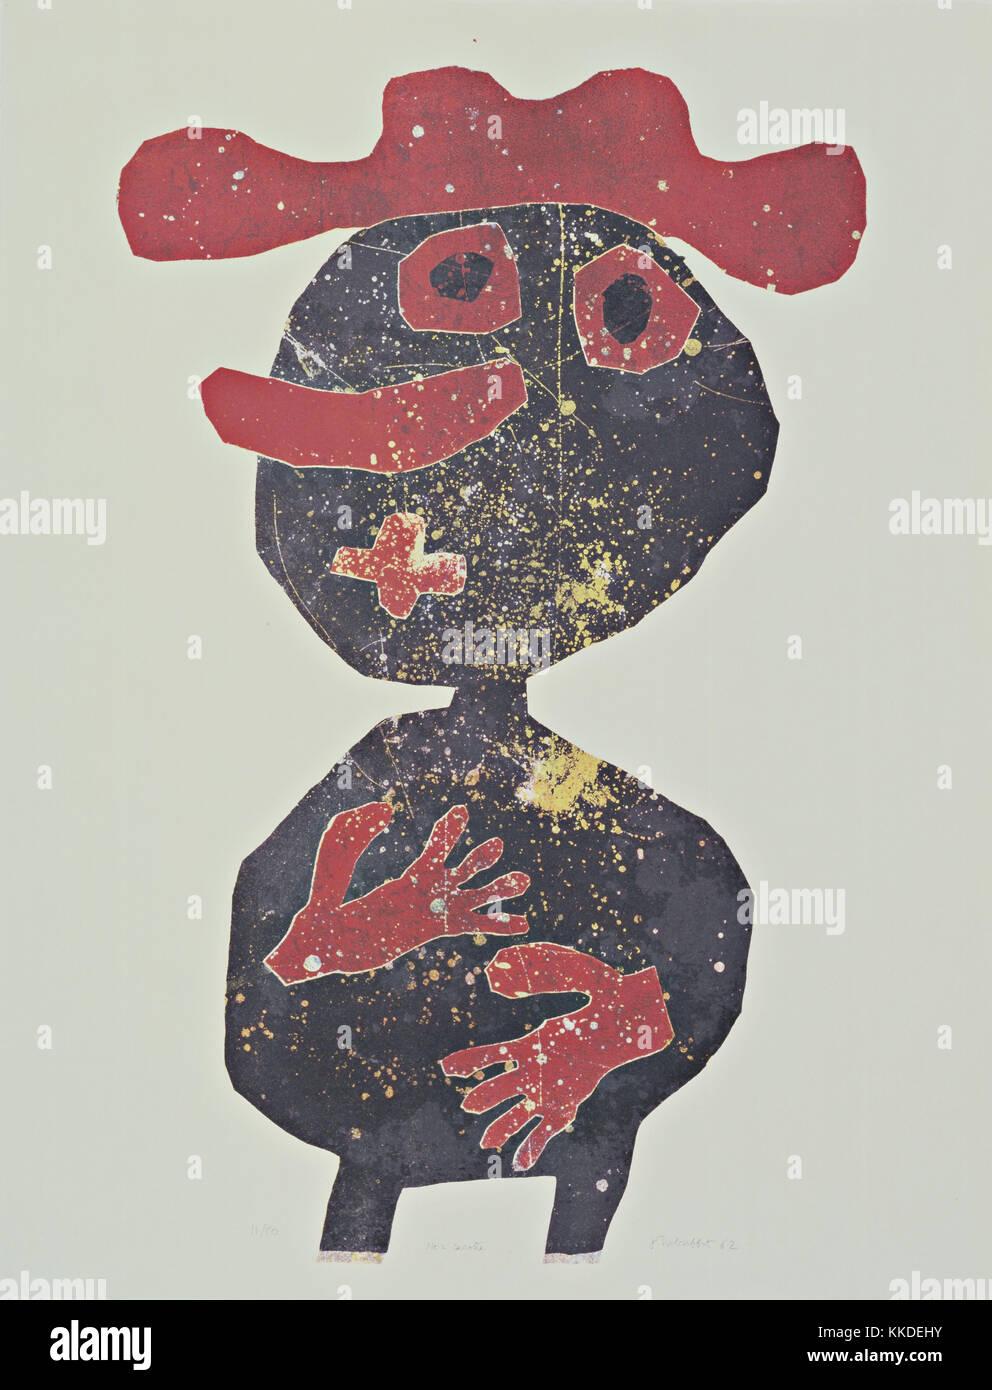 Jean Dubuffet. (Französisch, 1901-1985). nez carotte (Karotten Nase). 1961, veröffentlicht 1962. Lithographie, Stockbild